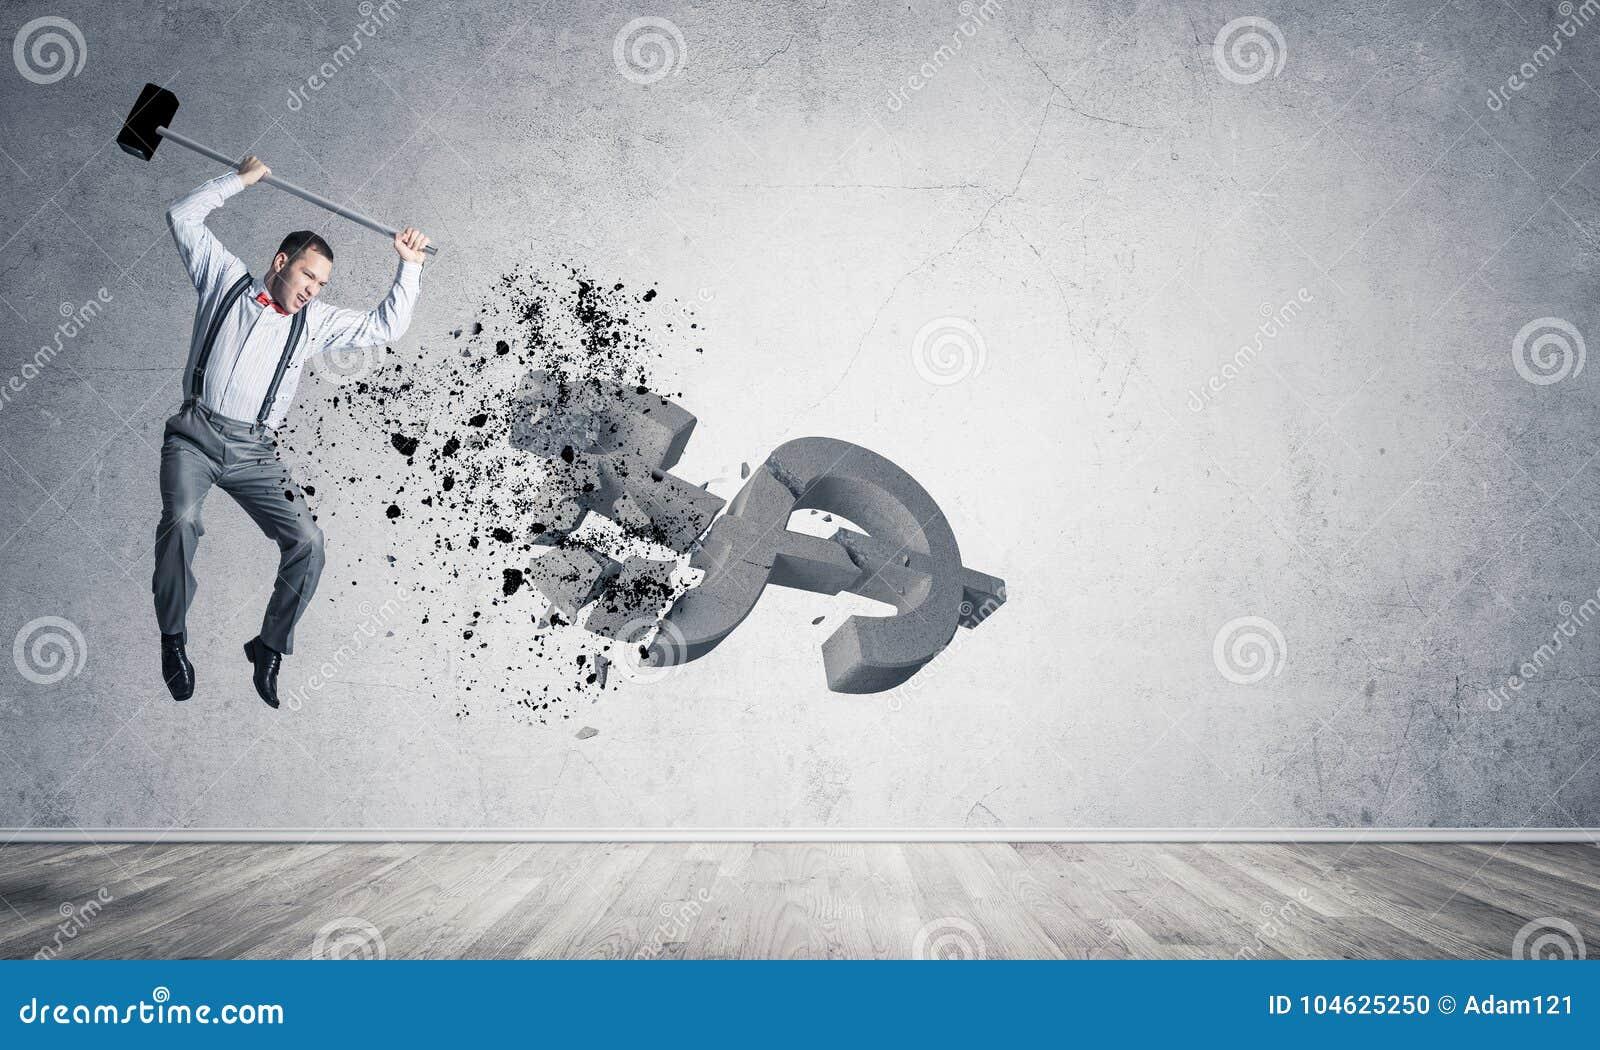 Download Bepaalde Bankiersmens In Leeg Concreet Fig. Van De Ruimte Brekend Dollar Stock Foto - Afbeelding bestaande uit hamer, mislukking: 104625250